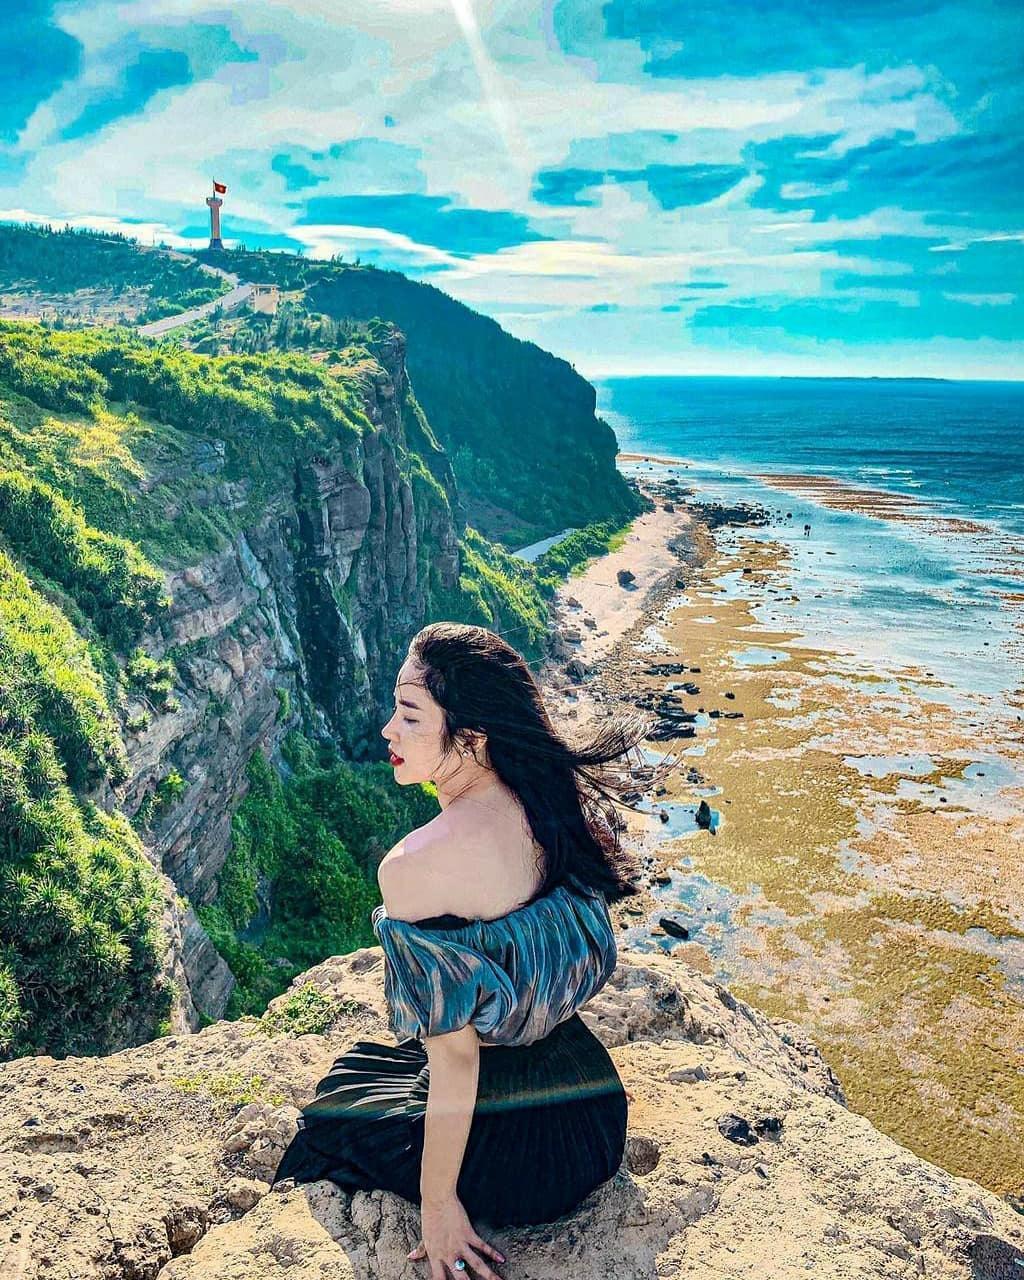 Hè này lập kèo vi vu 4 đảo cù lao tuyệt đẹp ở miền Trung Ảnh 5